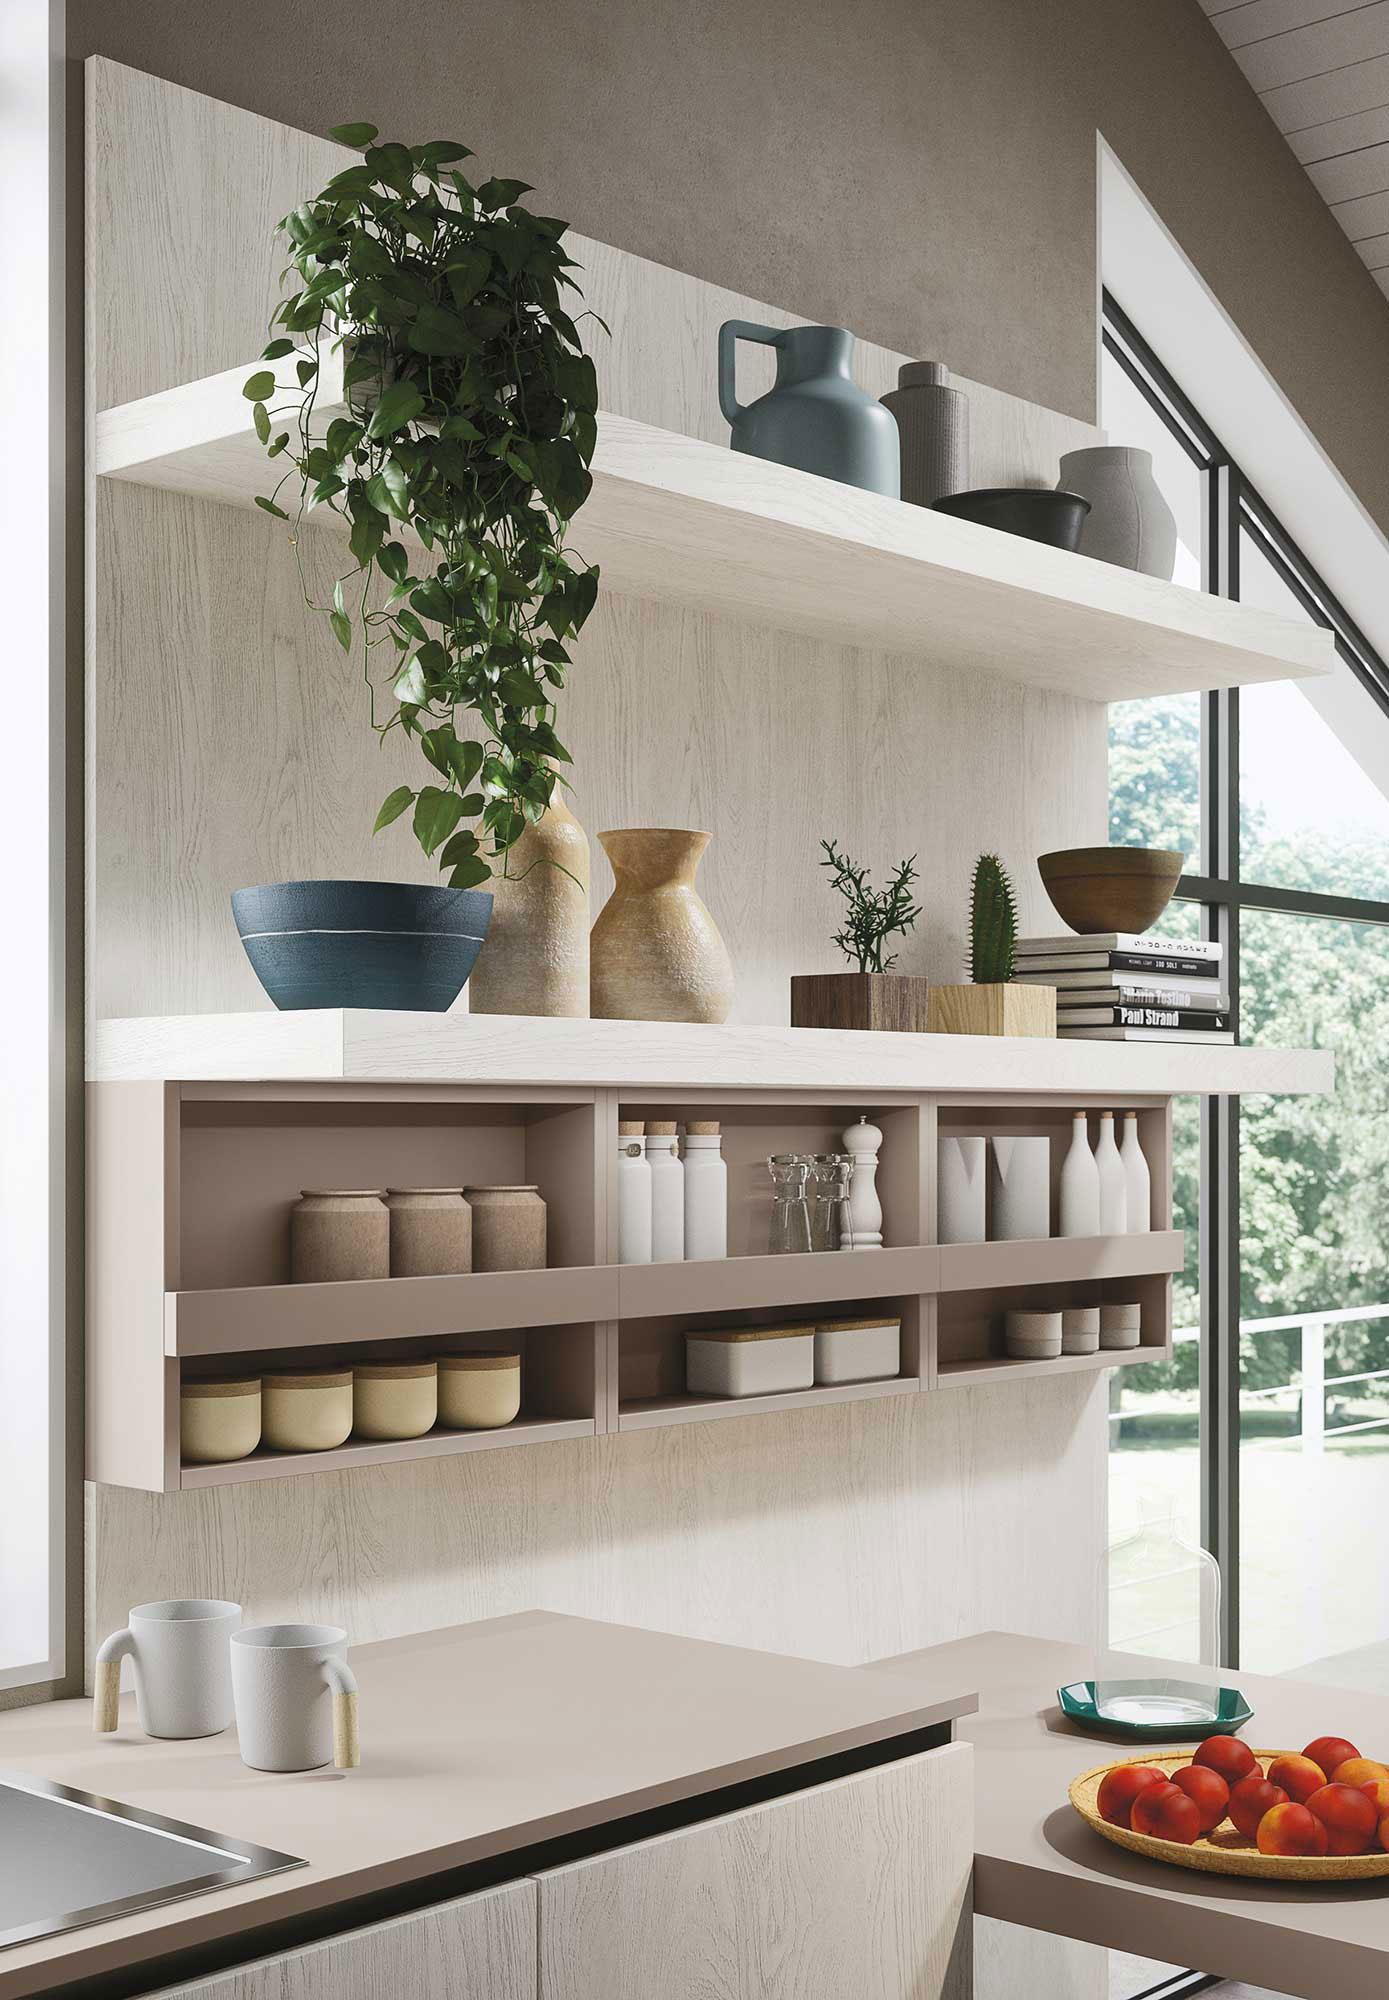 cucine-design-economiche-first-snaidero-dettaglio-2